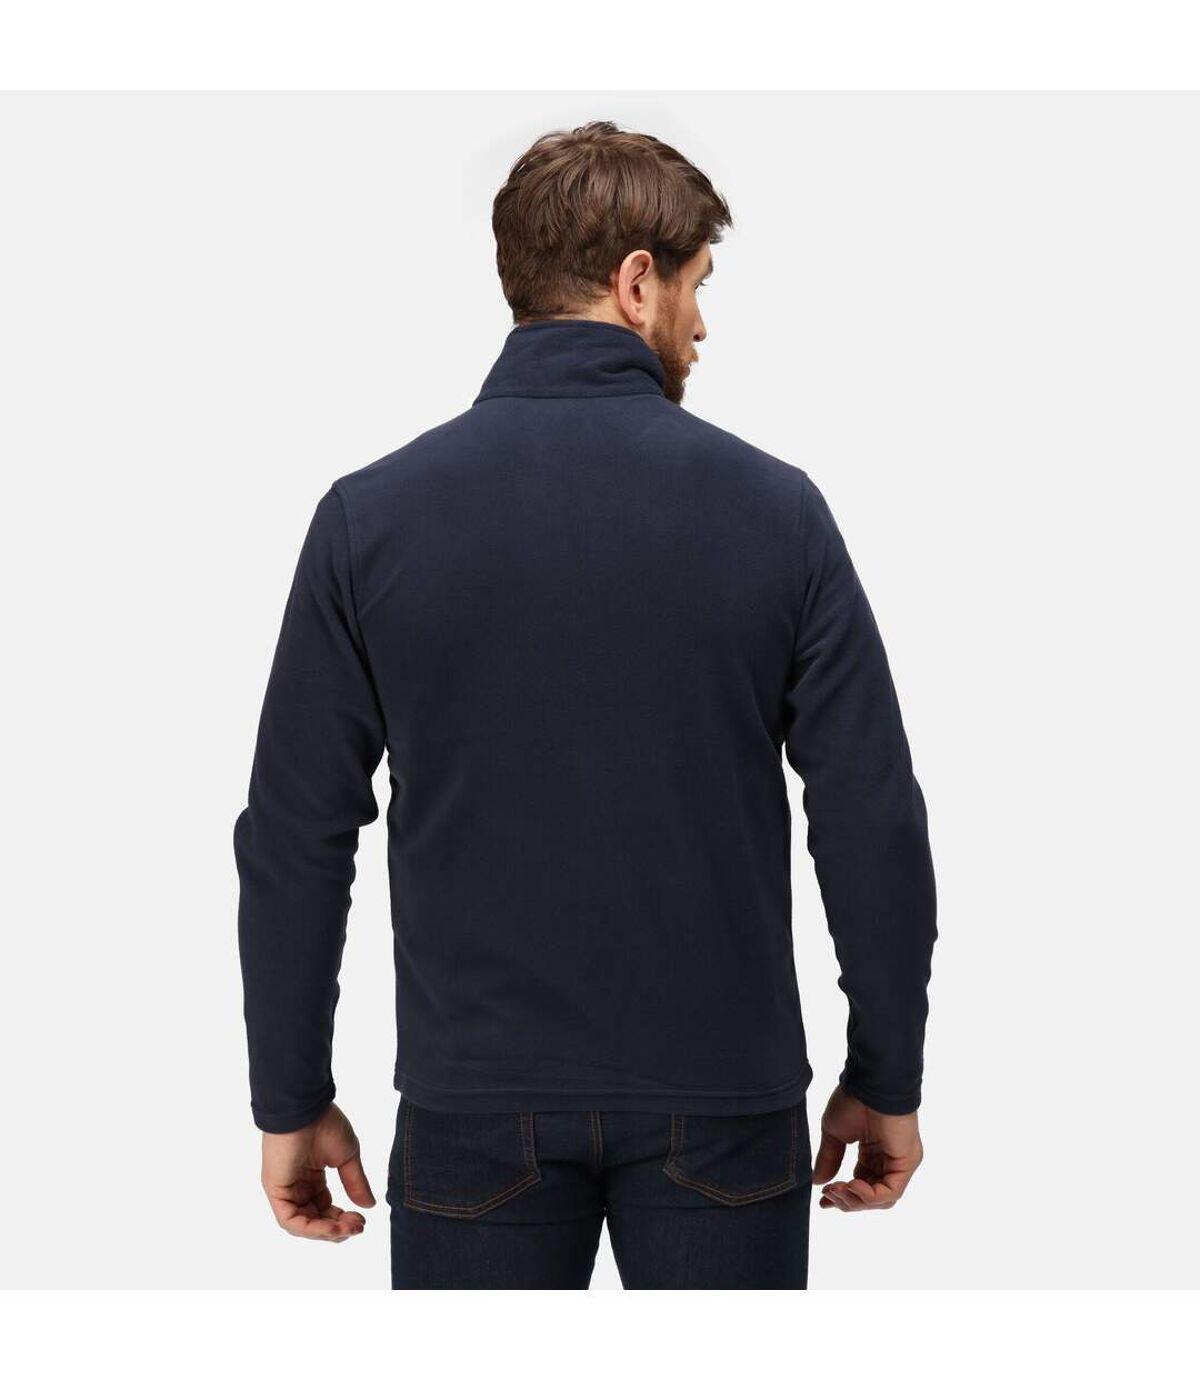 Regatta - Veste polaire CLASSIC - Homme (Bleu marine foncé) - UTPC4050